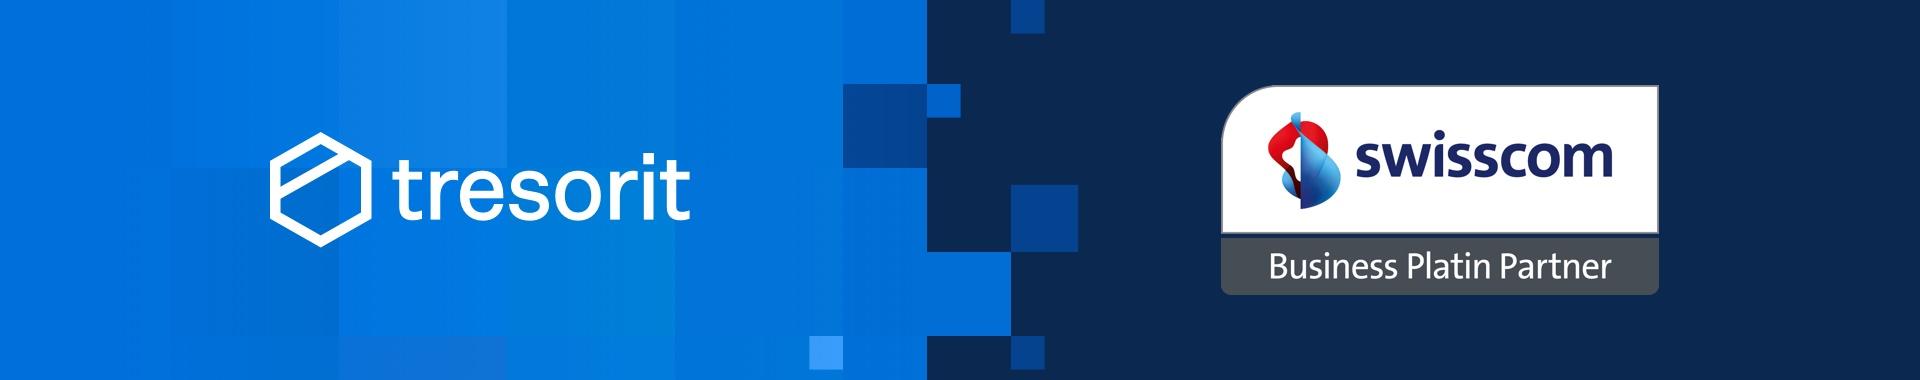 Tresorit erweitert Swisscoms Sicherheitsportfolio